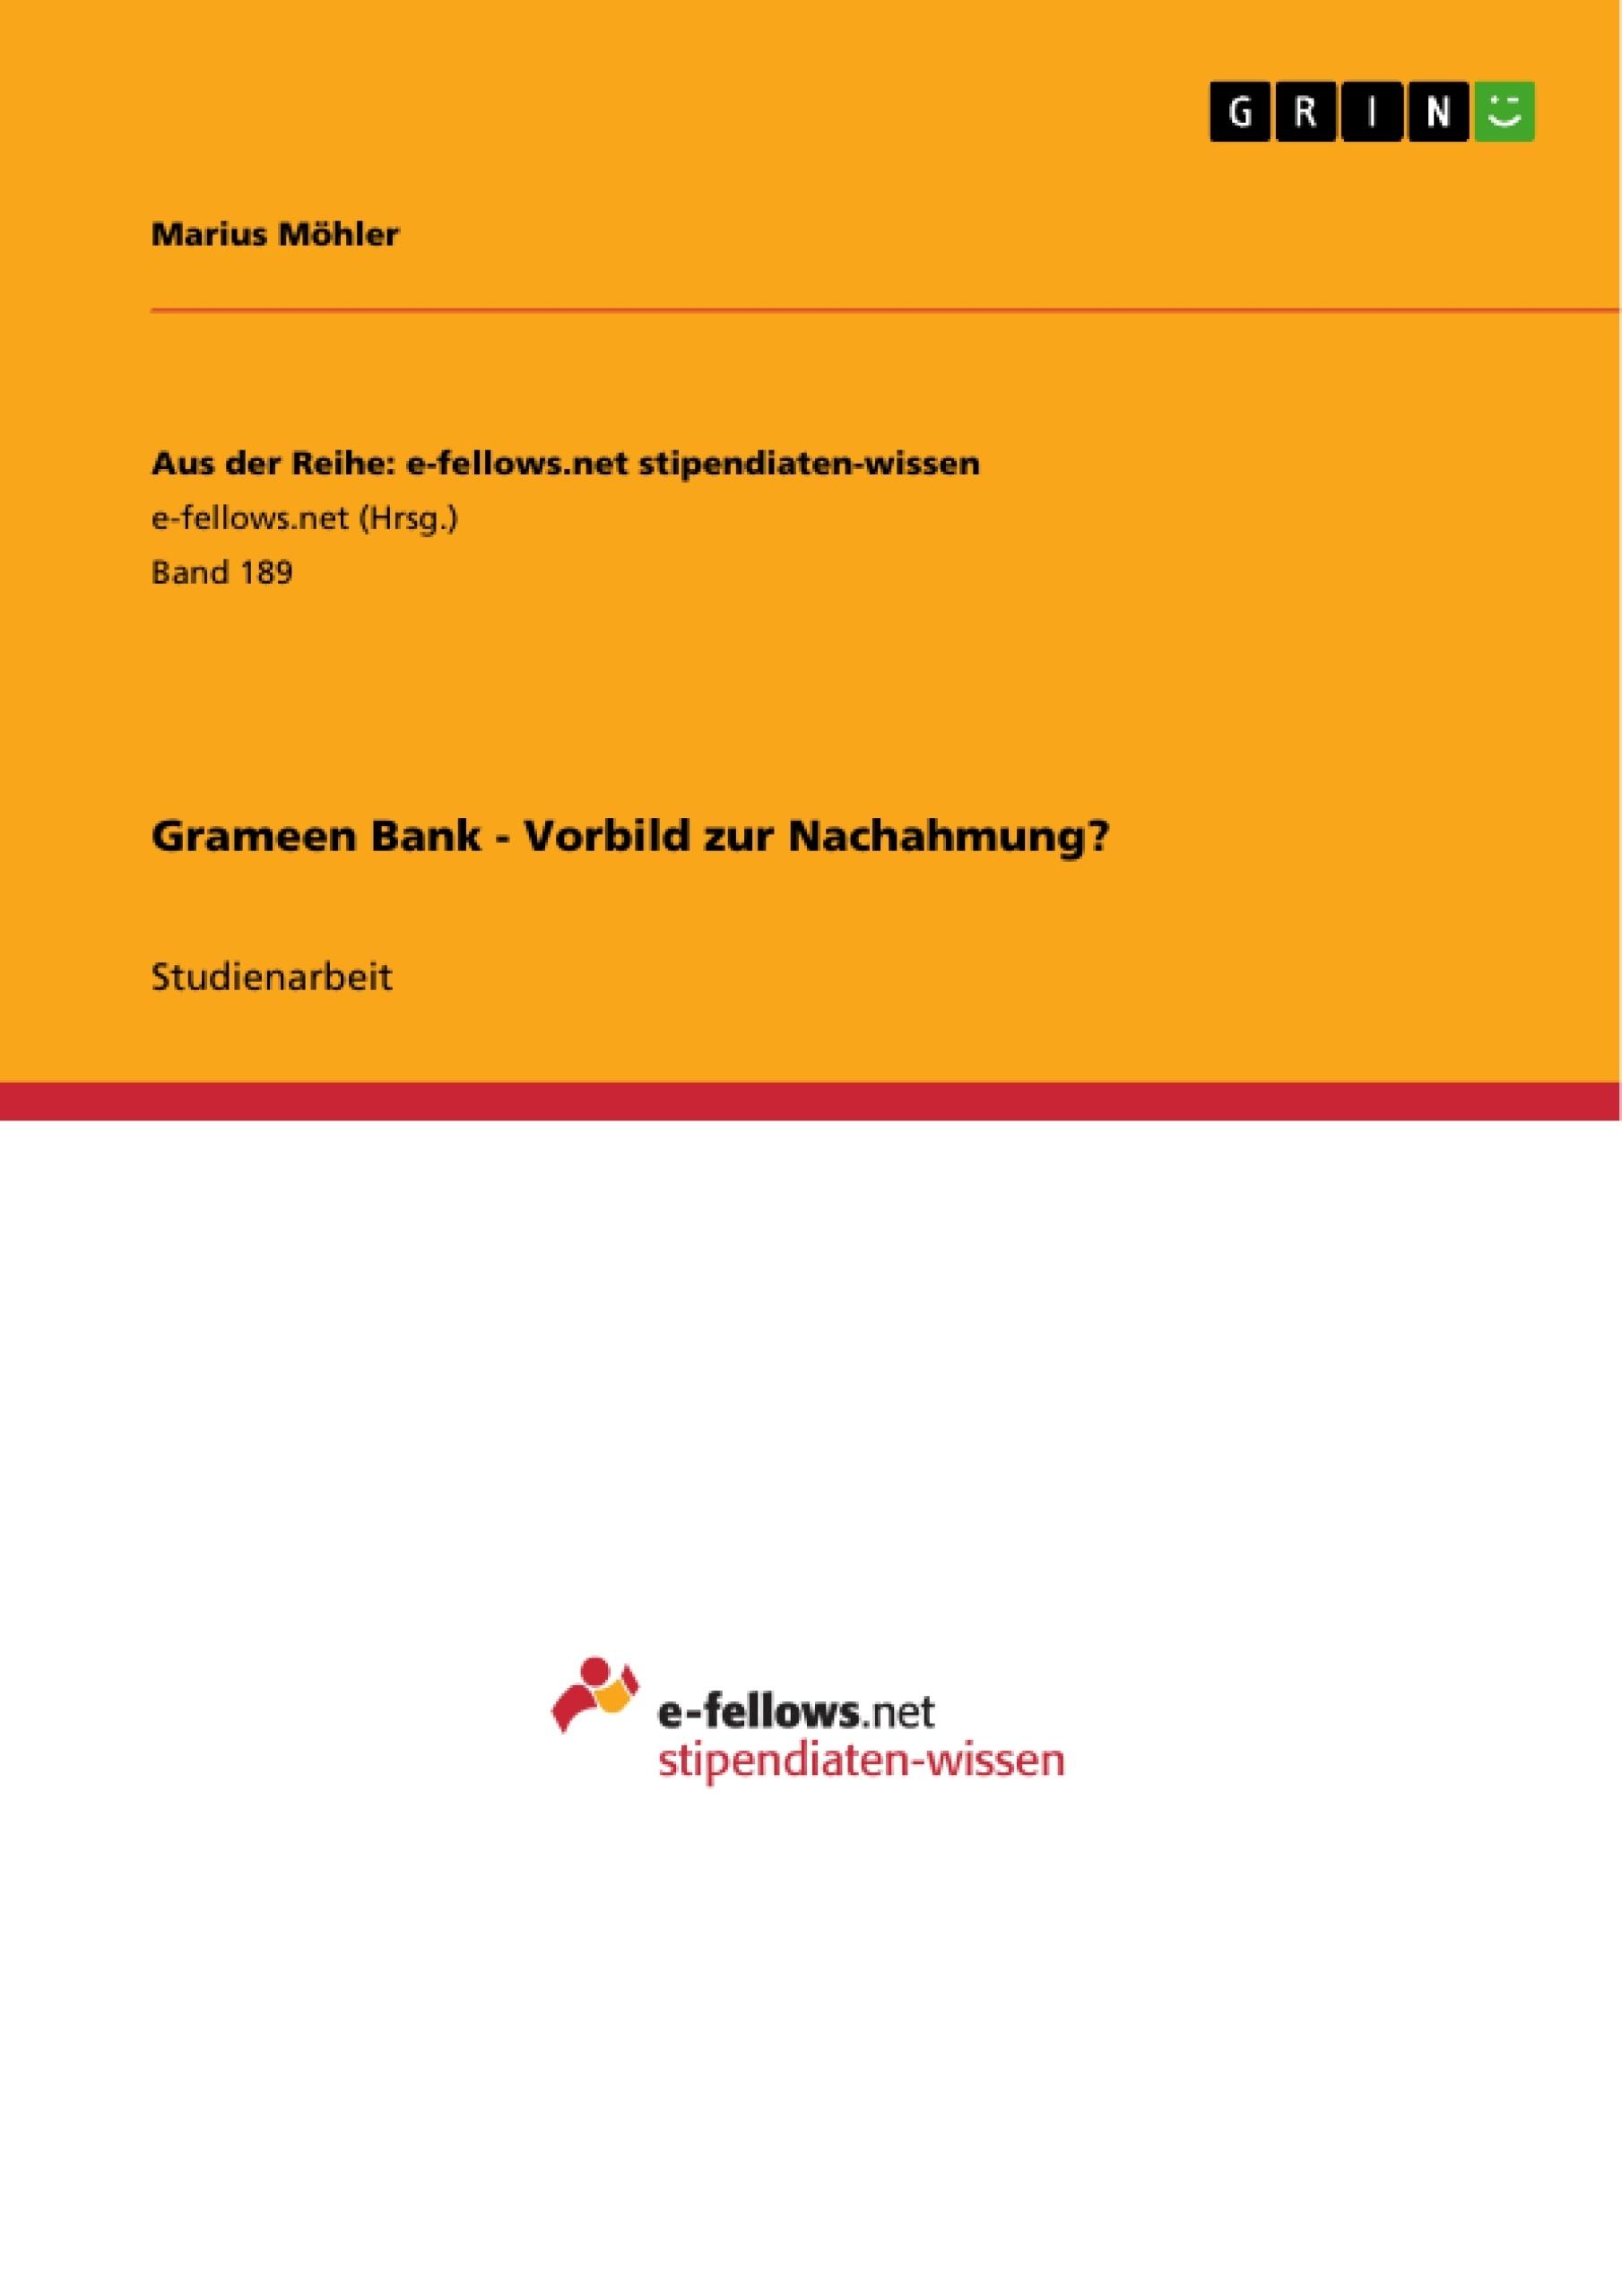 Titel: Grameen Bank - Vorbild zur Nachahmung?